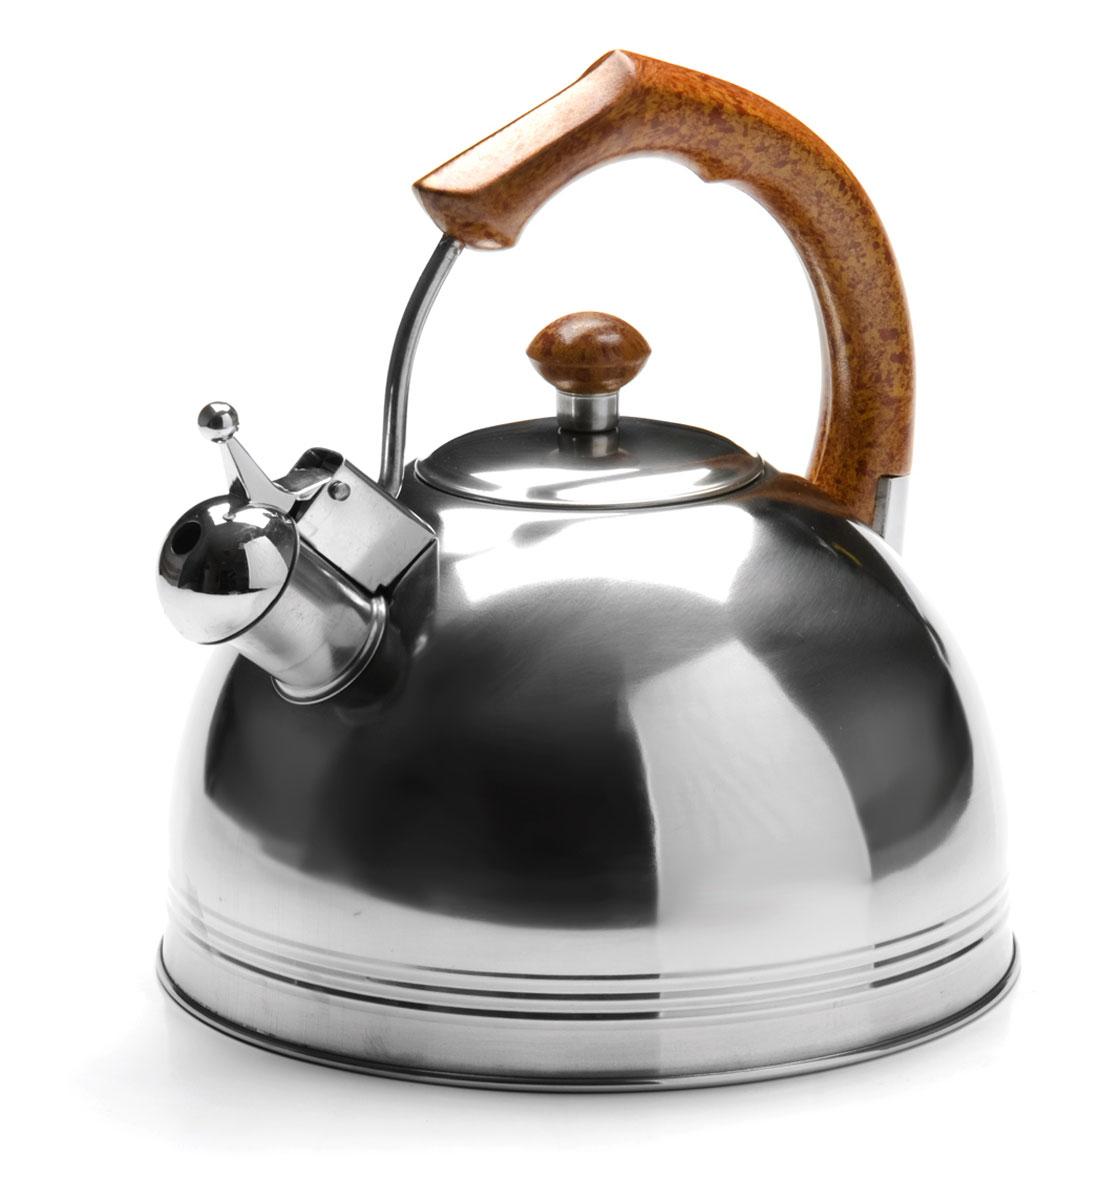 Чайник Mayer & Boch, со свистком, 4 л. 2616726167Чайник изготовлен из высококачественной нержавеющей стали. Изделия из нержавеющей стали не окисляются и не впитывают запахи, благодаря чему вы всегда получите натуральный, насыщенный вкус и аромат напитков. Капсулированное дно с прослойкой из алюминия обеспечивает наилучшее распределение тепла. Эргономичная фиксированная ручка выполнена из нержавеющей стали и бакелита и стилизована под дерево. Носик чайника оснащен насадкой-свистком, который позволяет контролировать процесс кипячения или подогрева воды. Поверхность чайника гладкая, что облегчает уход за ним. Подходит для использования на всех типах плит, кроме индукционных. Подходит для мытья в посудомоечной машине.Объем чайника: 4 литра.